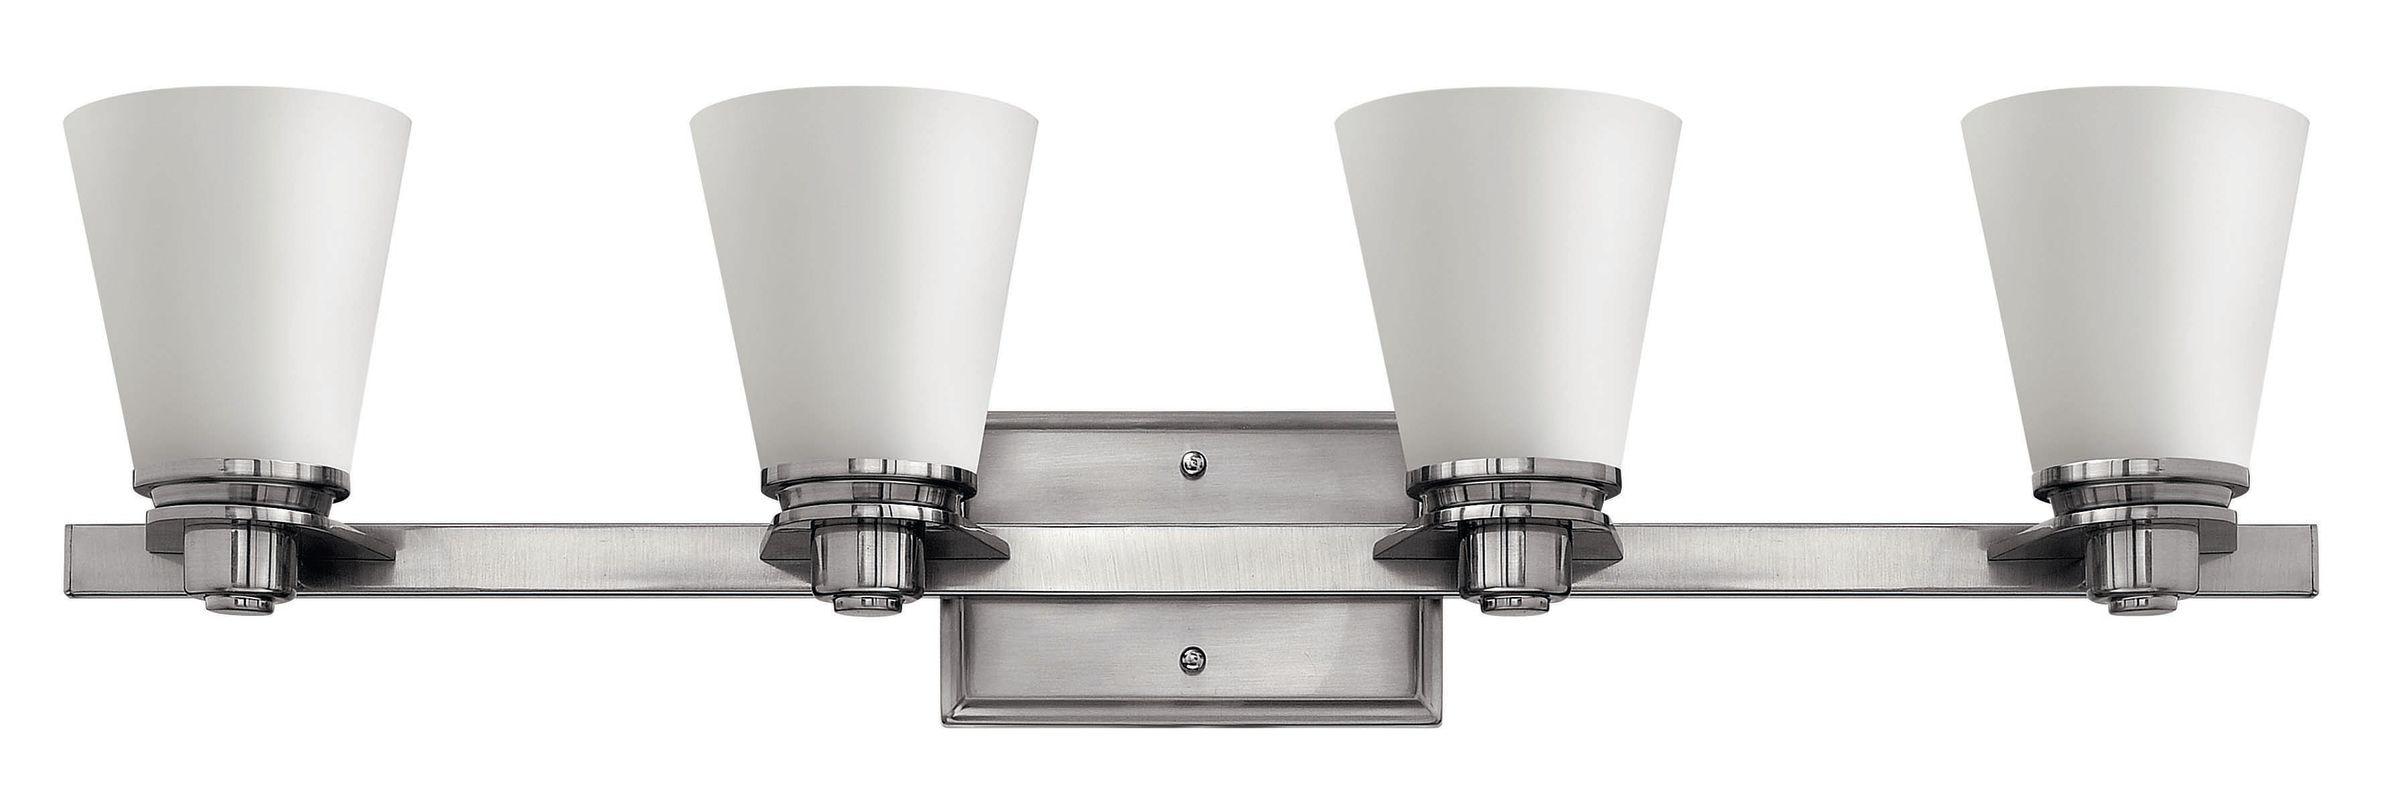 Hinkley Lighting 5554 4 Light Bathroom Vanity Light from the Avon Sale $259.00 ITEM#: 1056273 MODEL# :5554BN UPC#: 640665555400 :